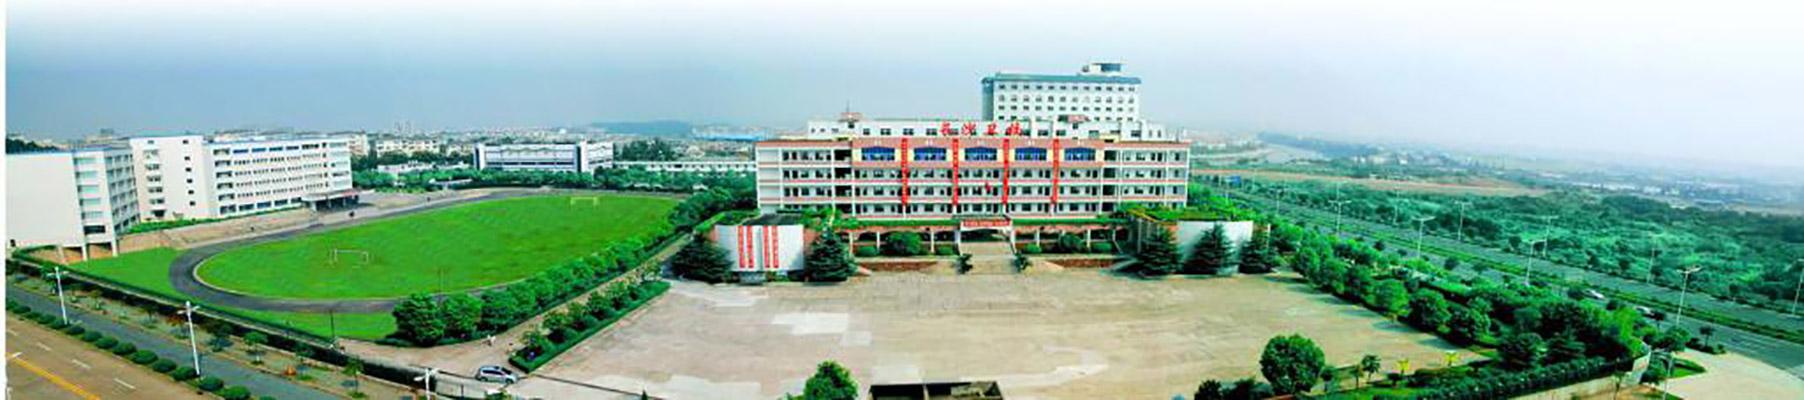 长沙卫生职业学院校园风光2